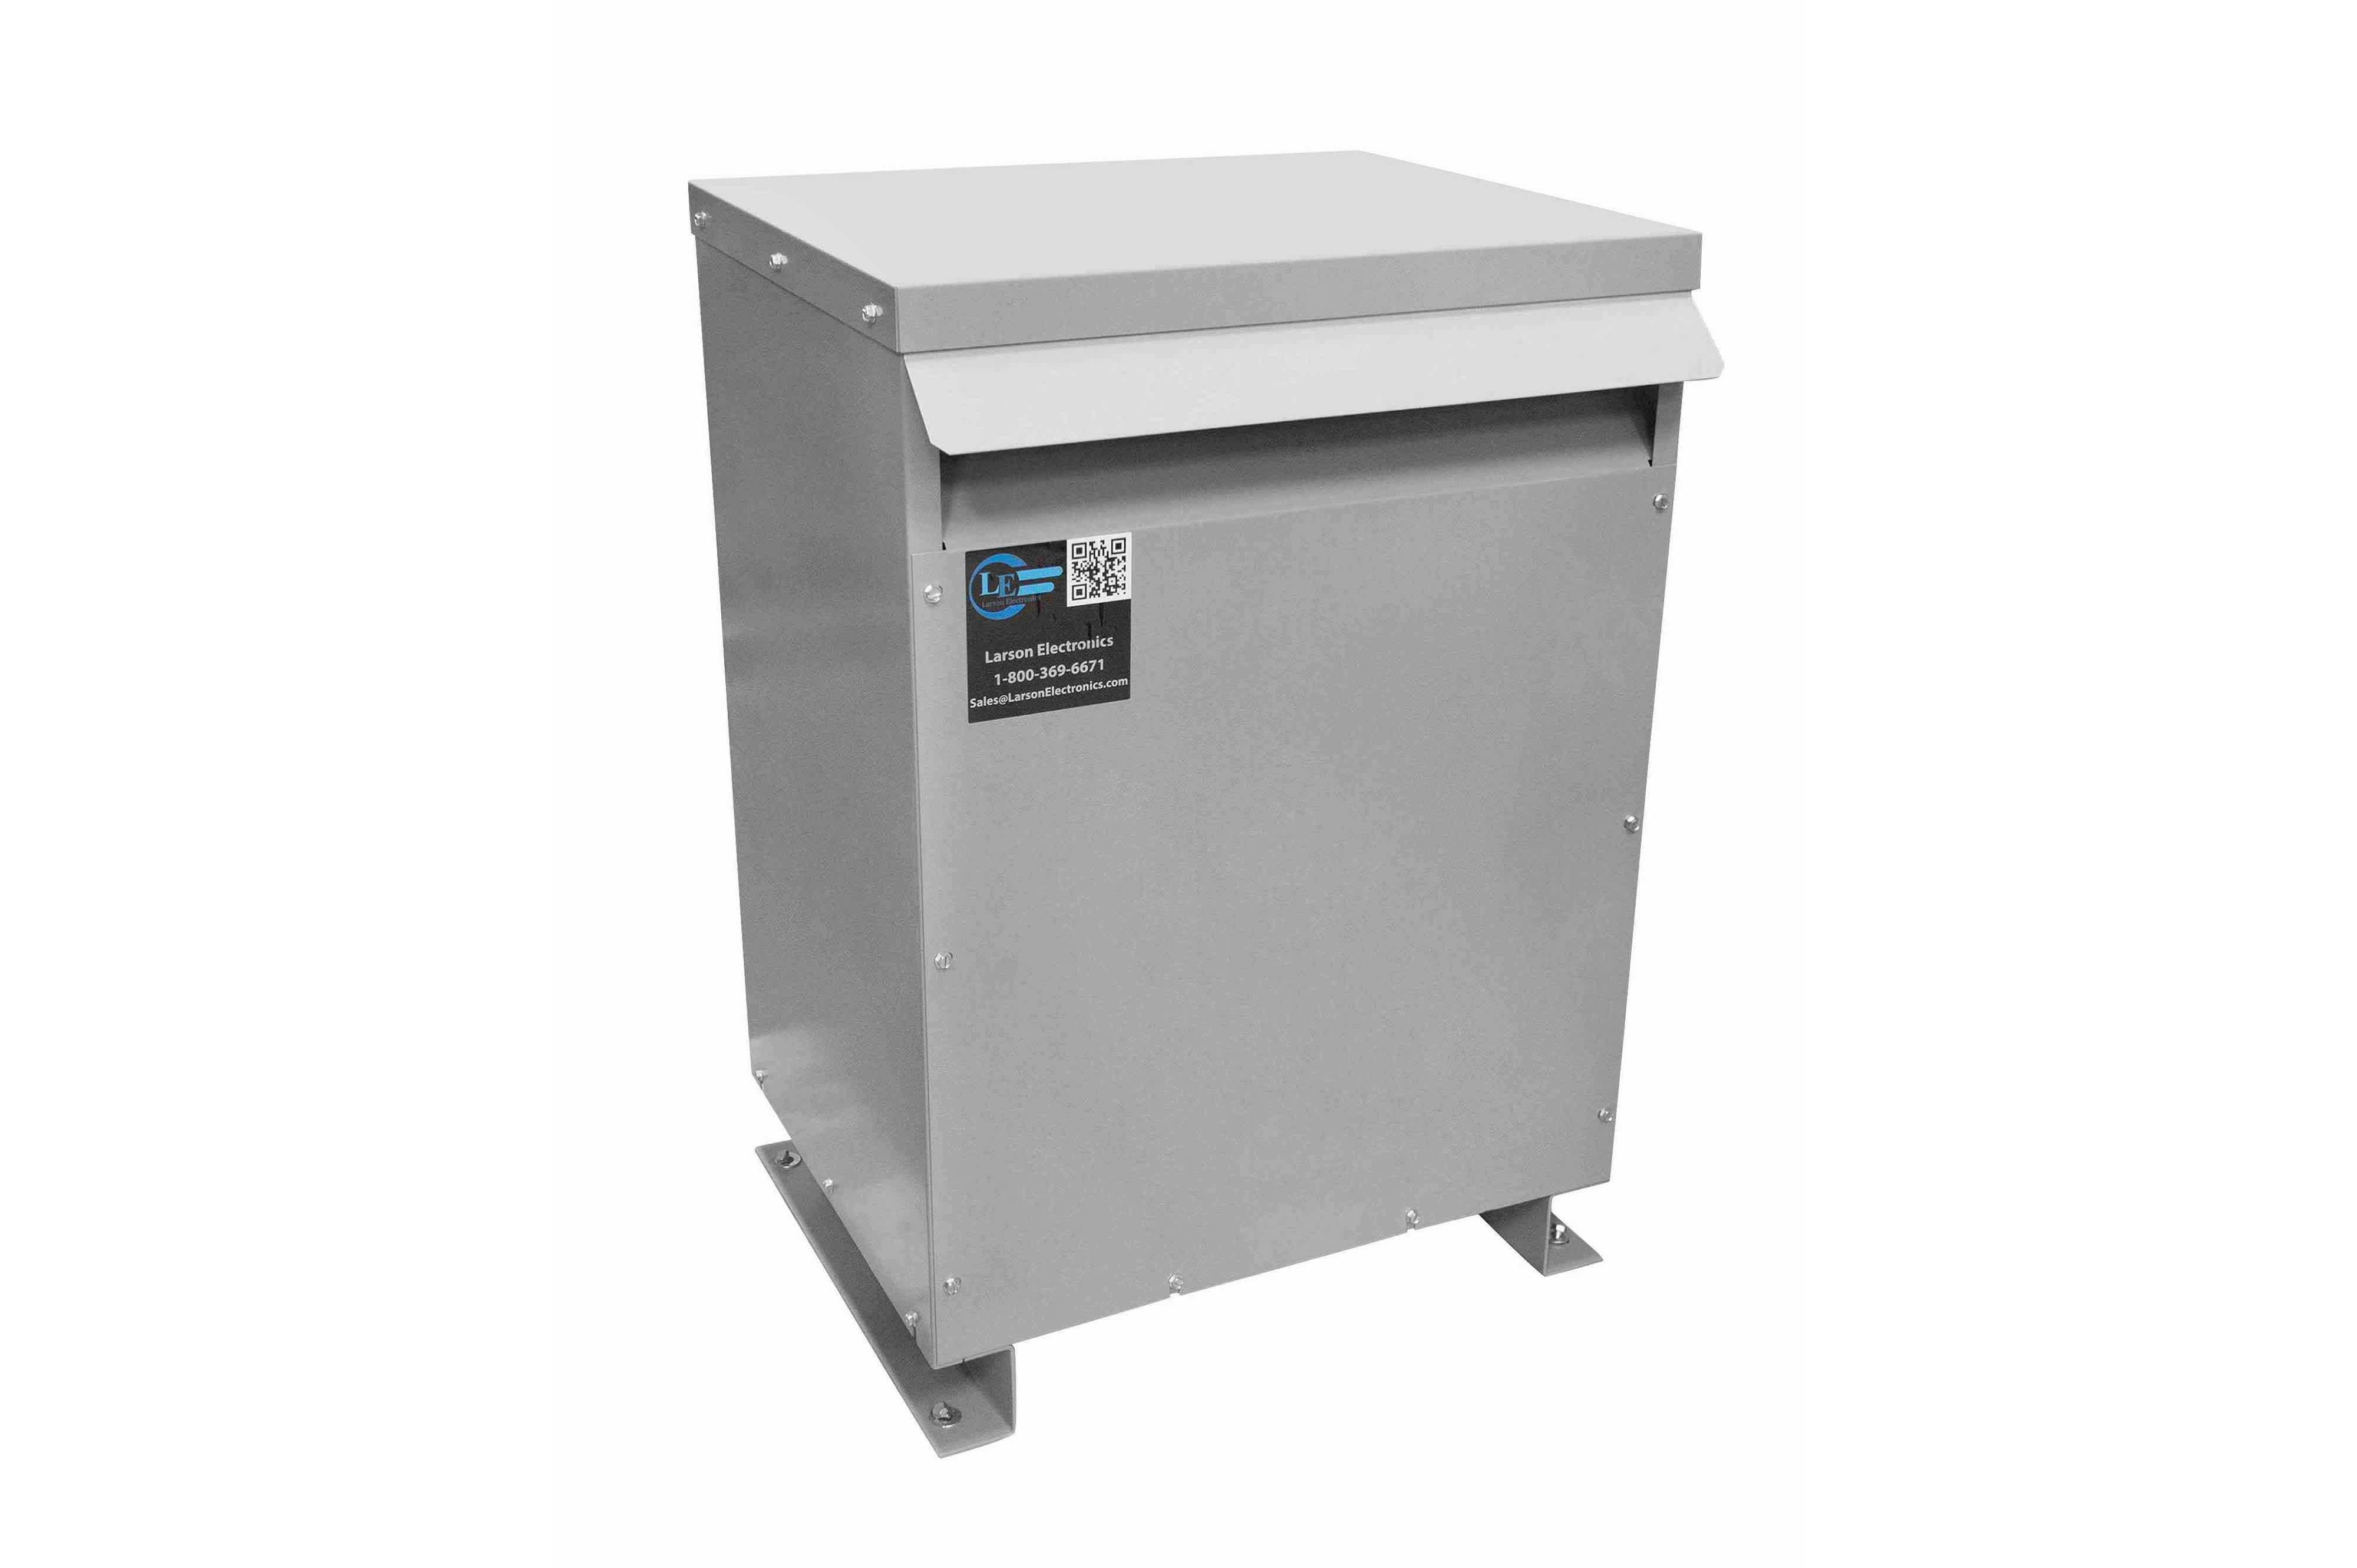 175 kVA 3PH Isolation Transformer, 220V Delta Primary, 208V Delta Secondary, N3R, Ventilated, 60 Hz